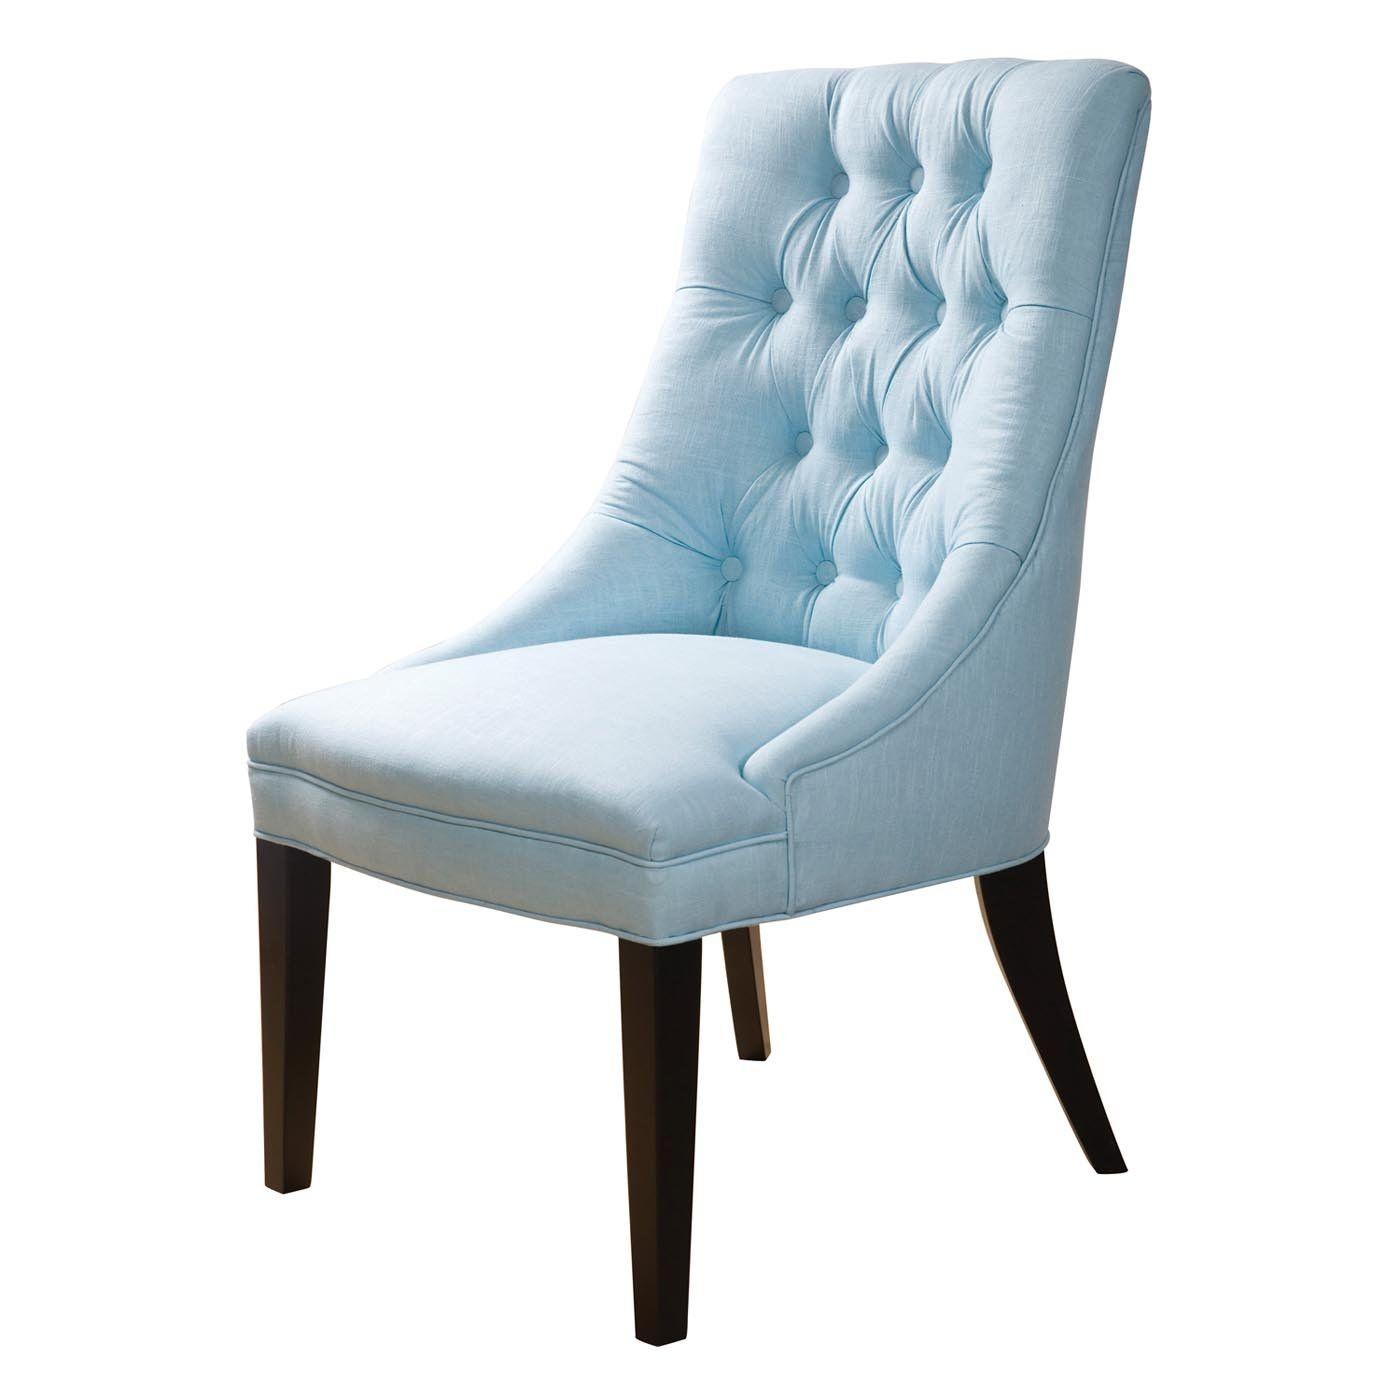 Bon Sandy Wilson Cashmir Accent Chair, Light Blue